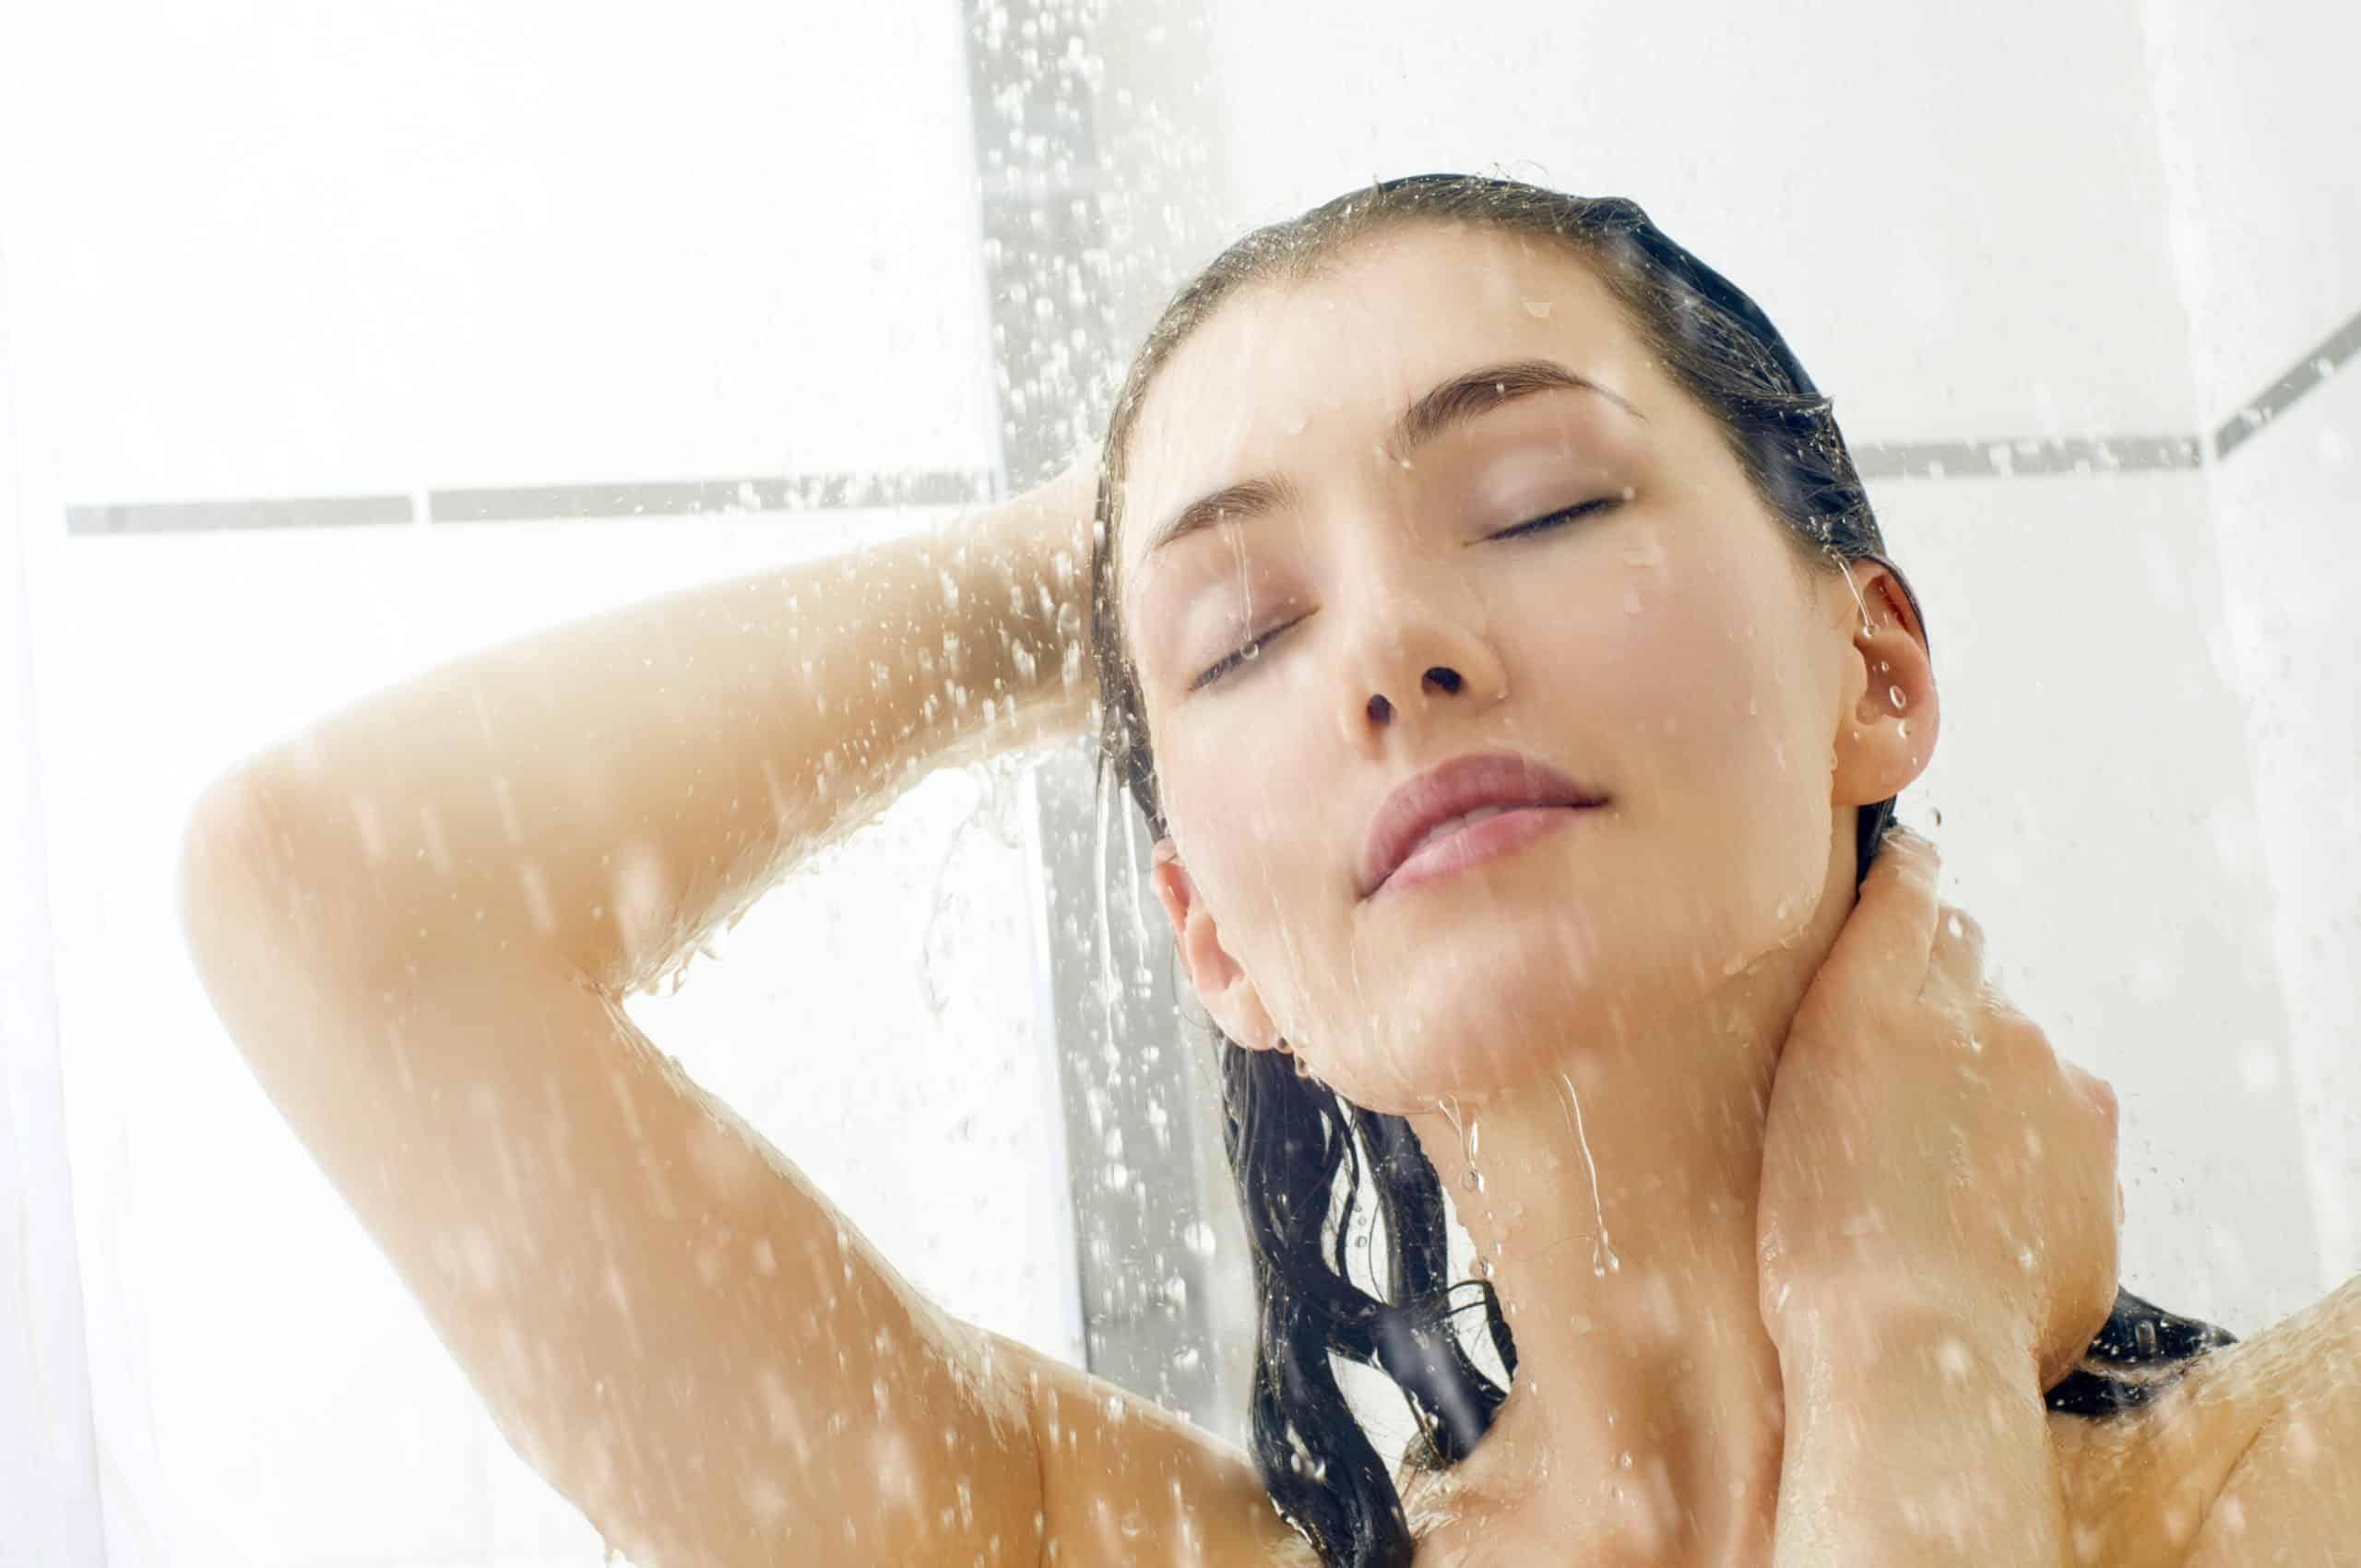 Soap & Body Wash Investigation: Non-Toxic Brands